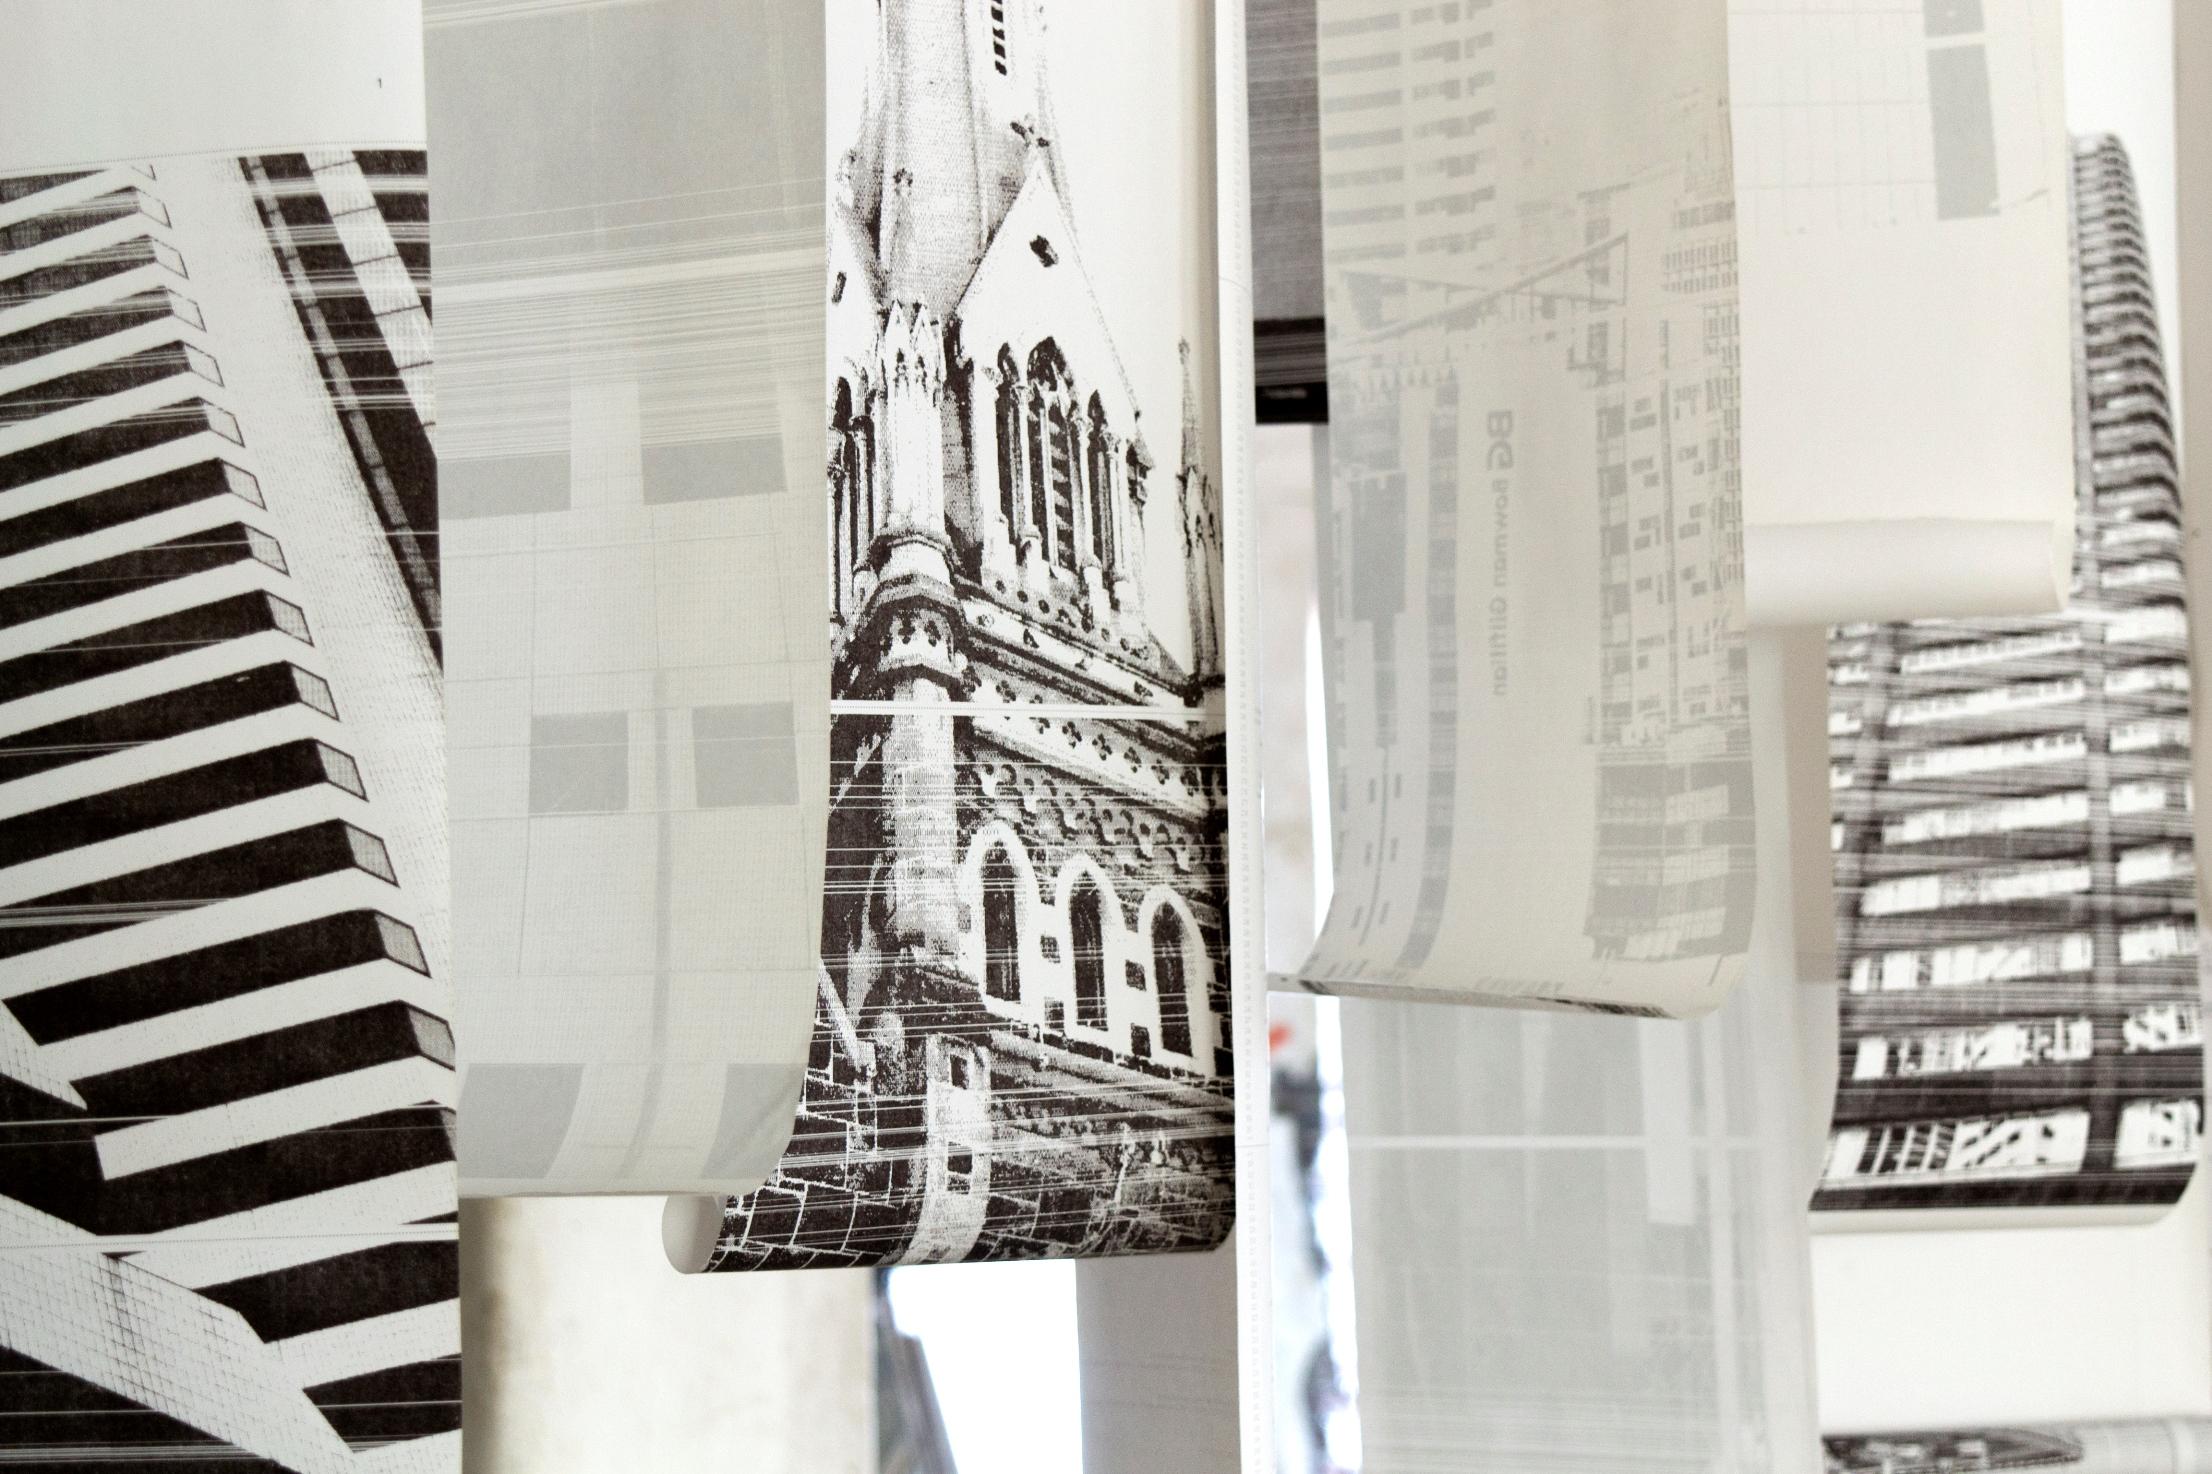 Heinrich Minnie - Fax City (installation view) (2).jpg